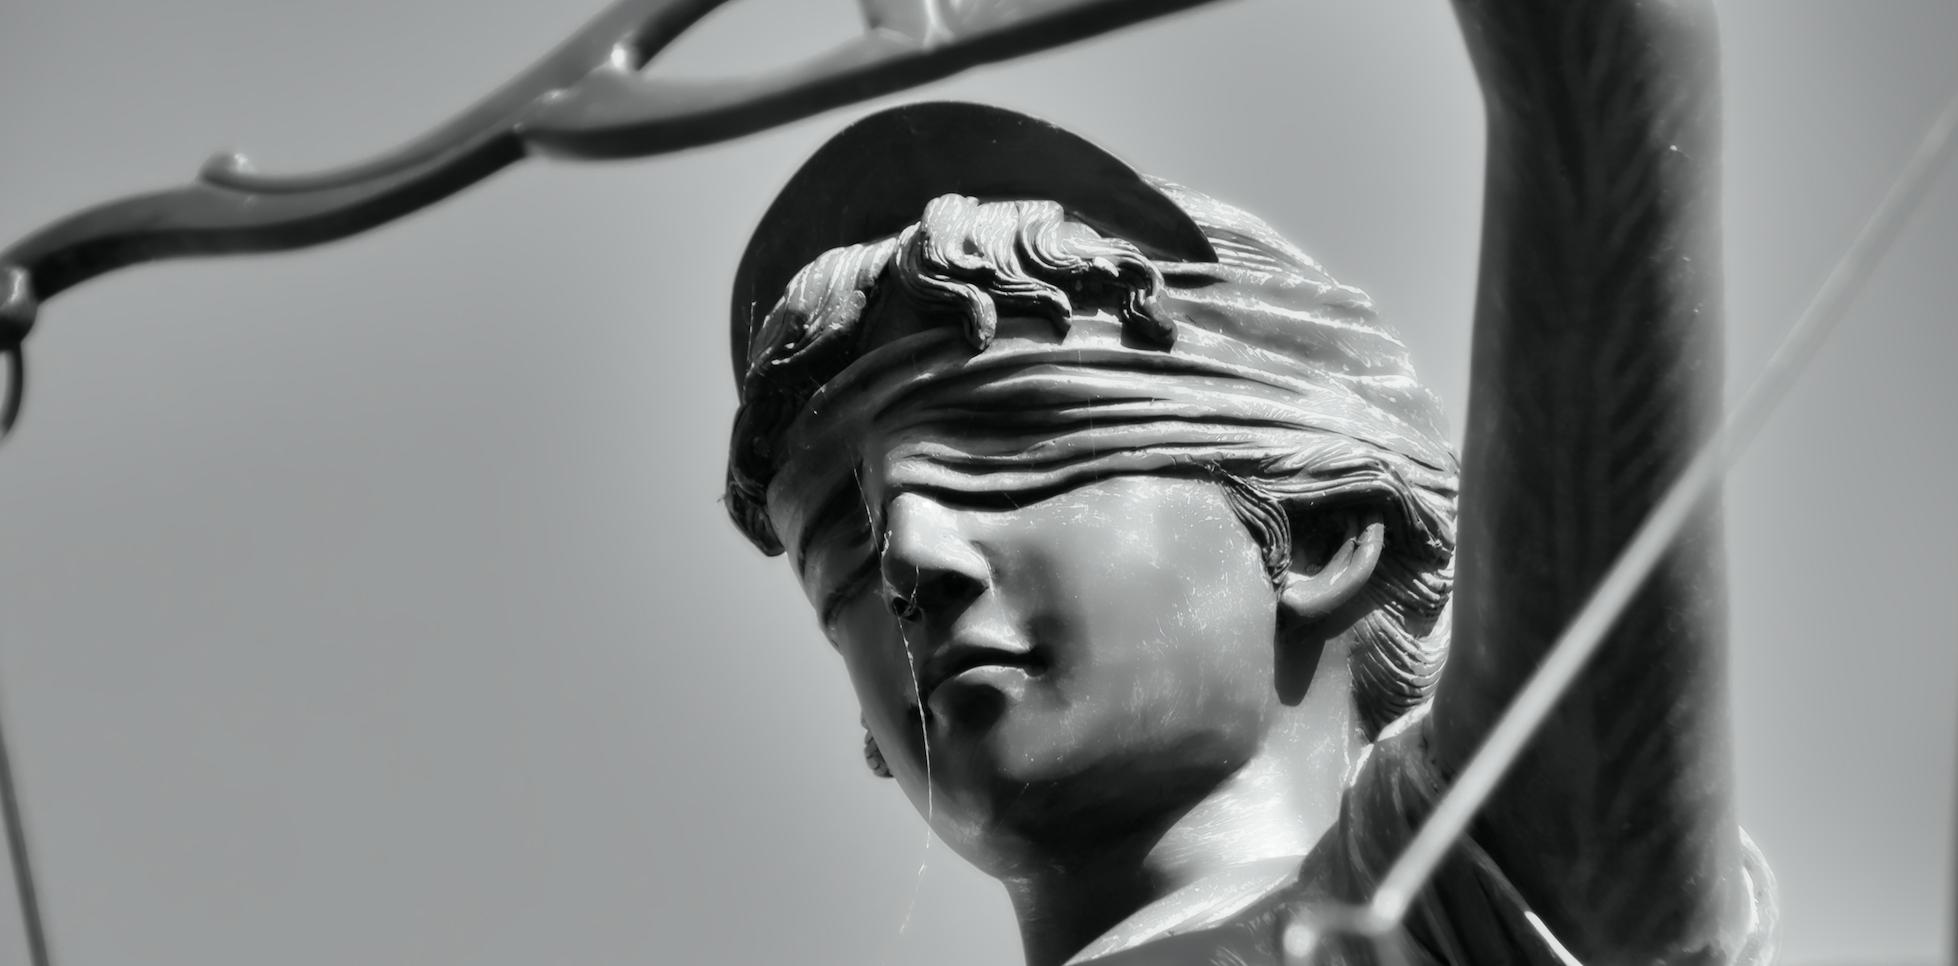 statue de femme les yeux bandés